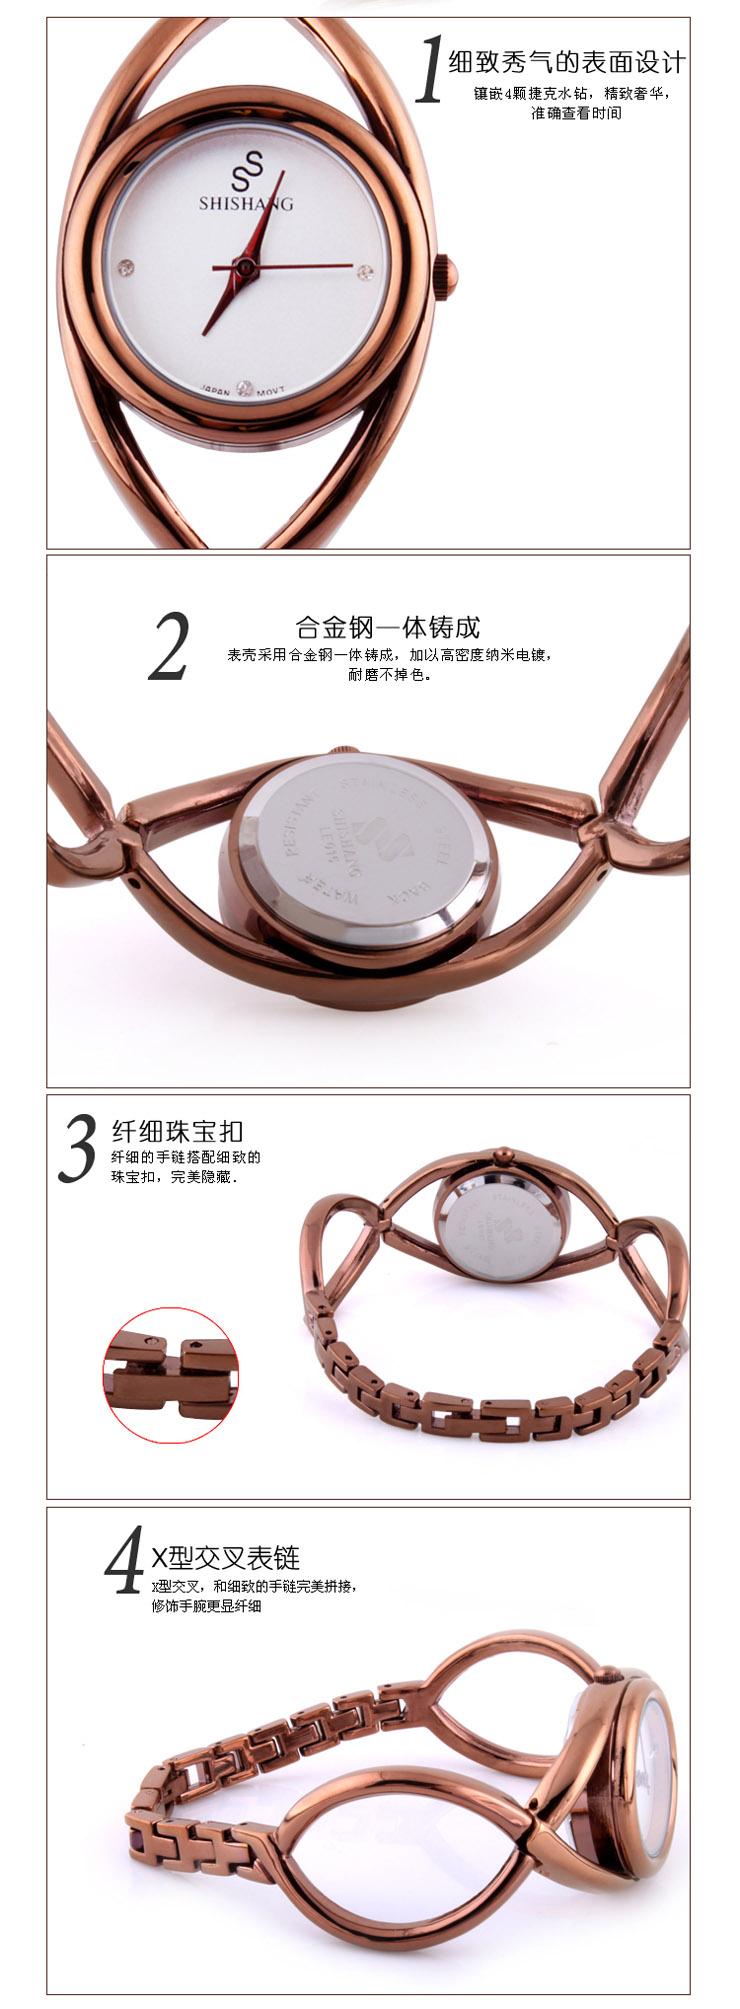 香港ss正品女士手表 时尚防水钢带表带石英表